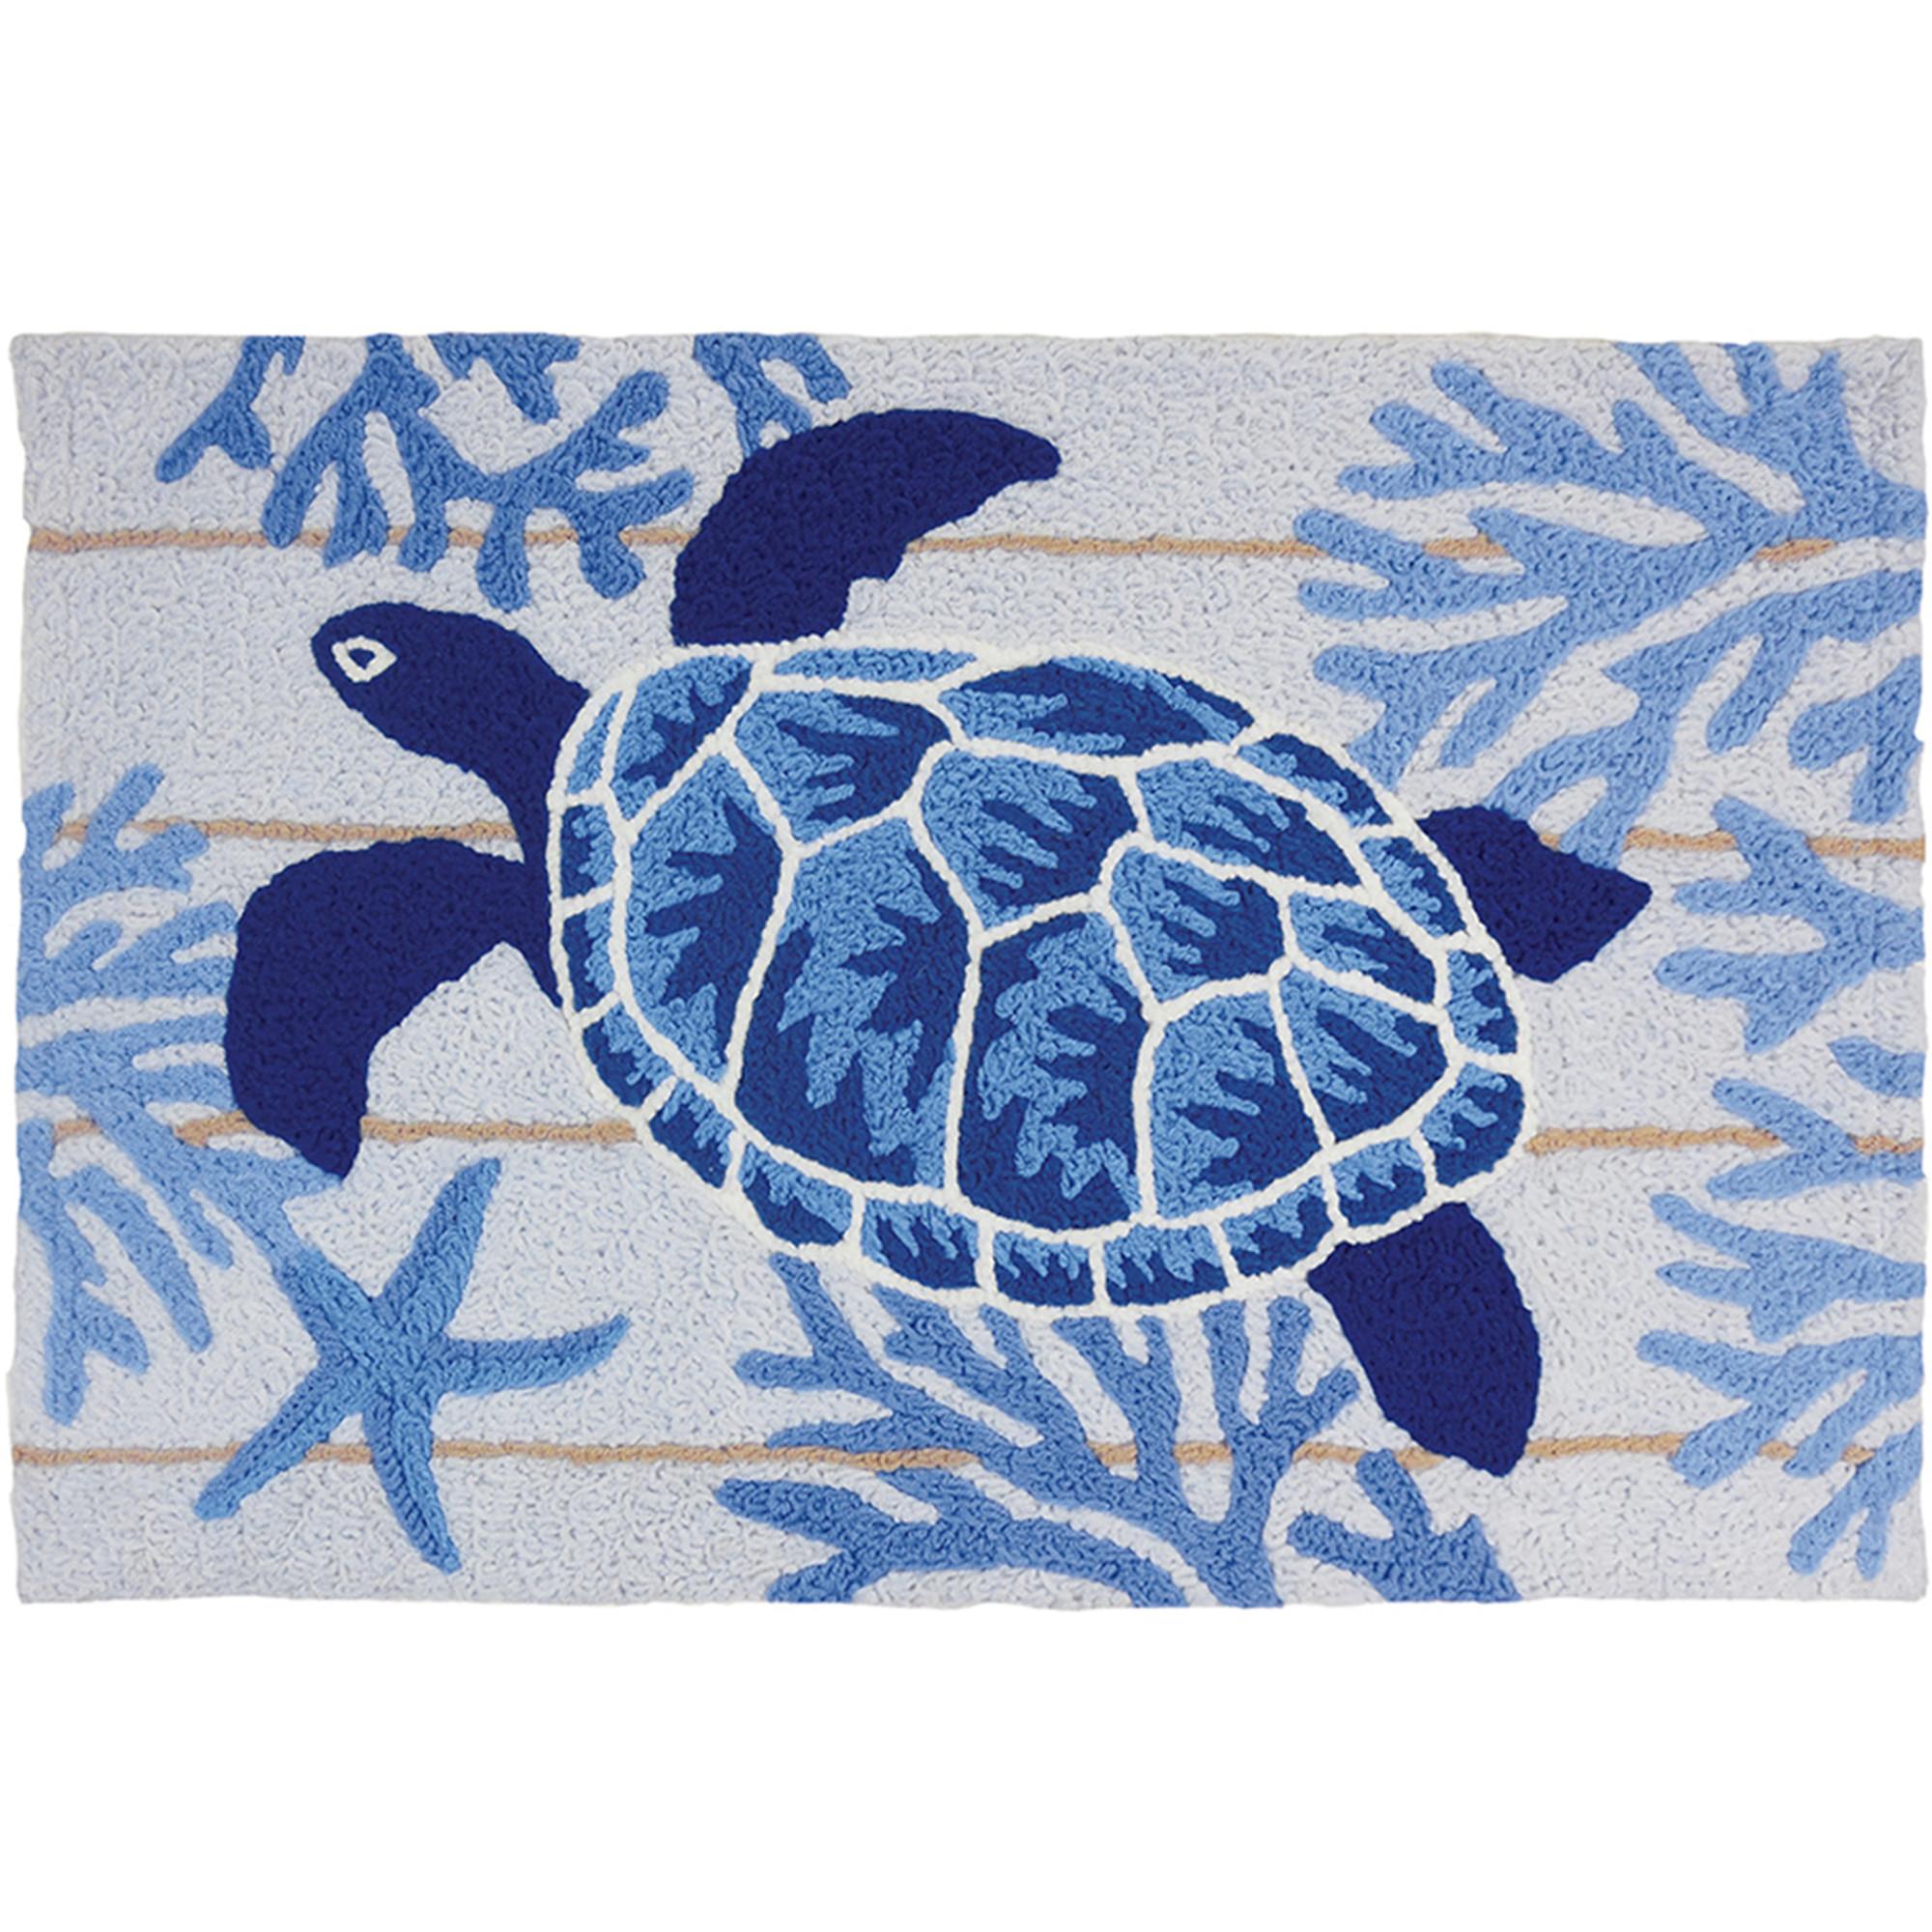 Indigo Sea Turtle